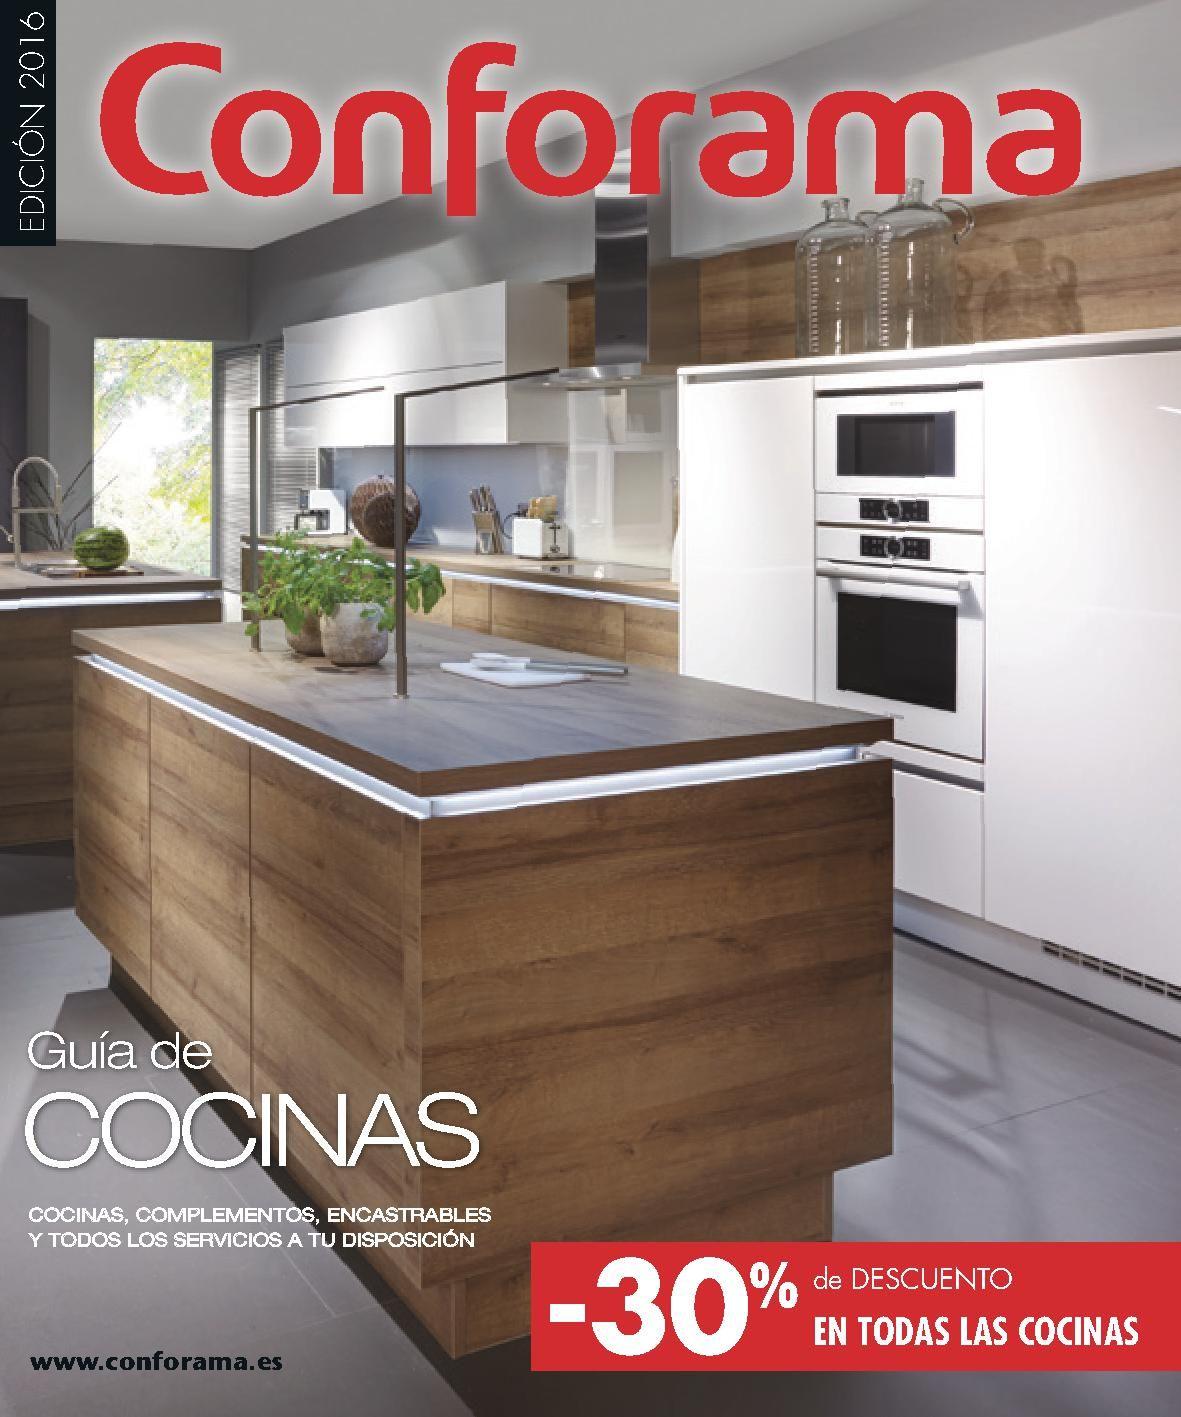 Cocinas Conforama 2018: precios ofertas | COCINA | Kitchen y Stuff ...